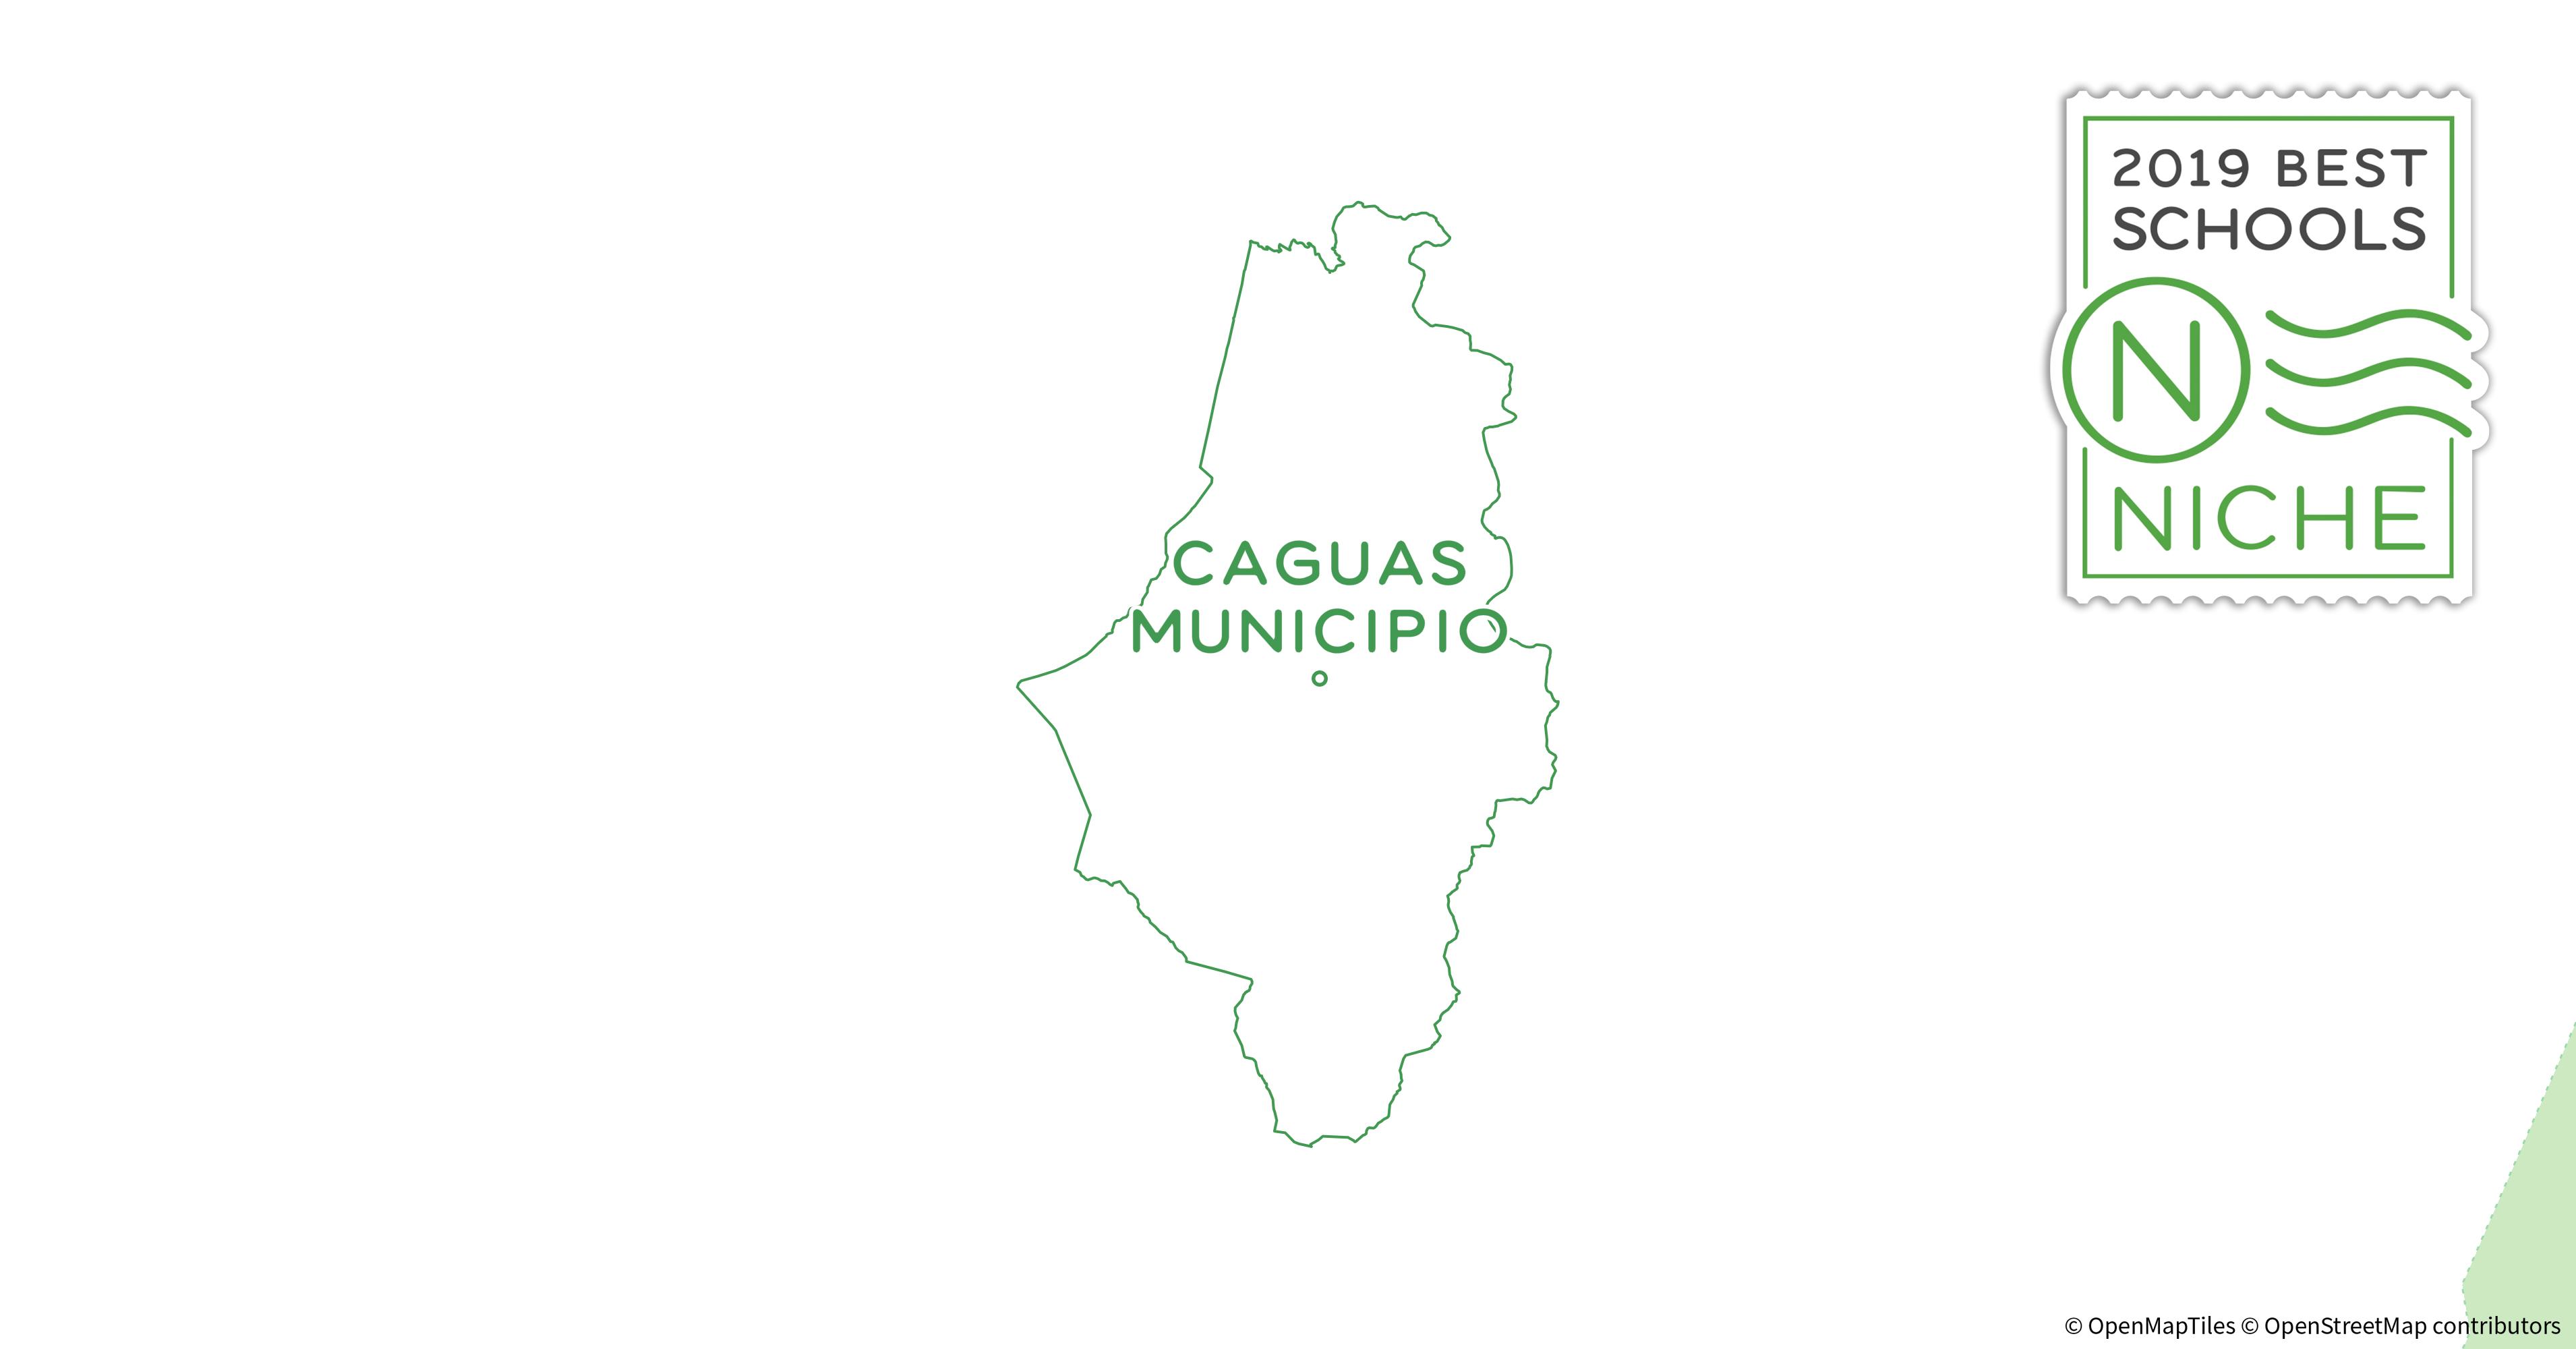 2019 Best Public High s in Caguas Municipio, PR - Niche Caguas Map on